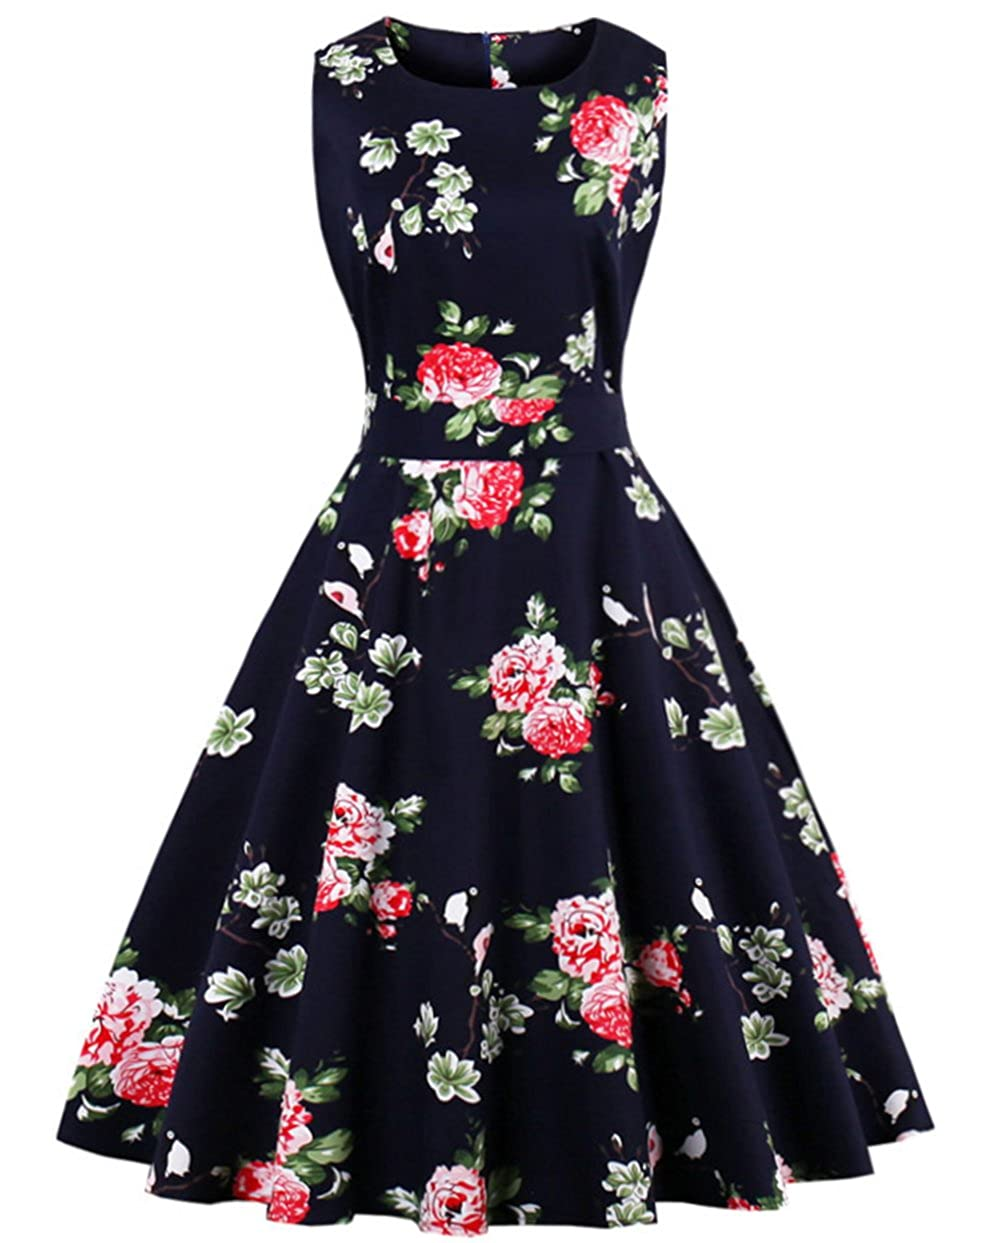 TALLA S. FAIRY COUPLE 50s Vestido de Partido Floral Retro del Oscilación del Cóctel del Vintage con el Arco DRT017 Negro Floral S